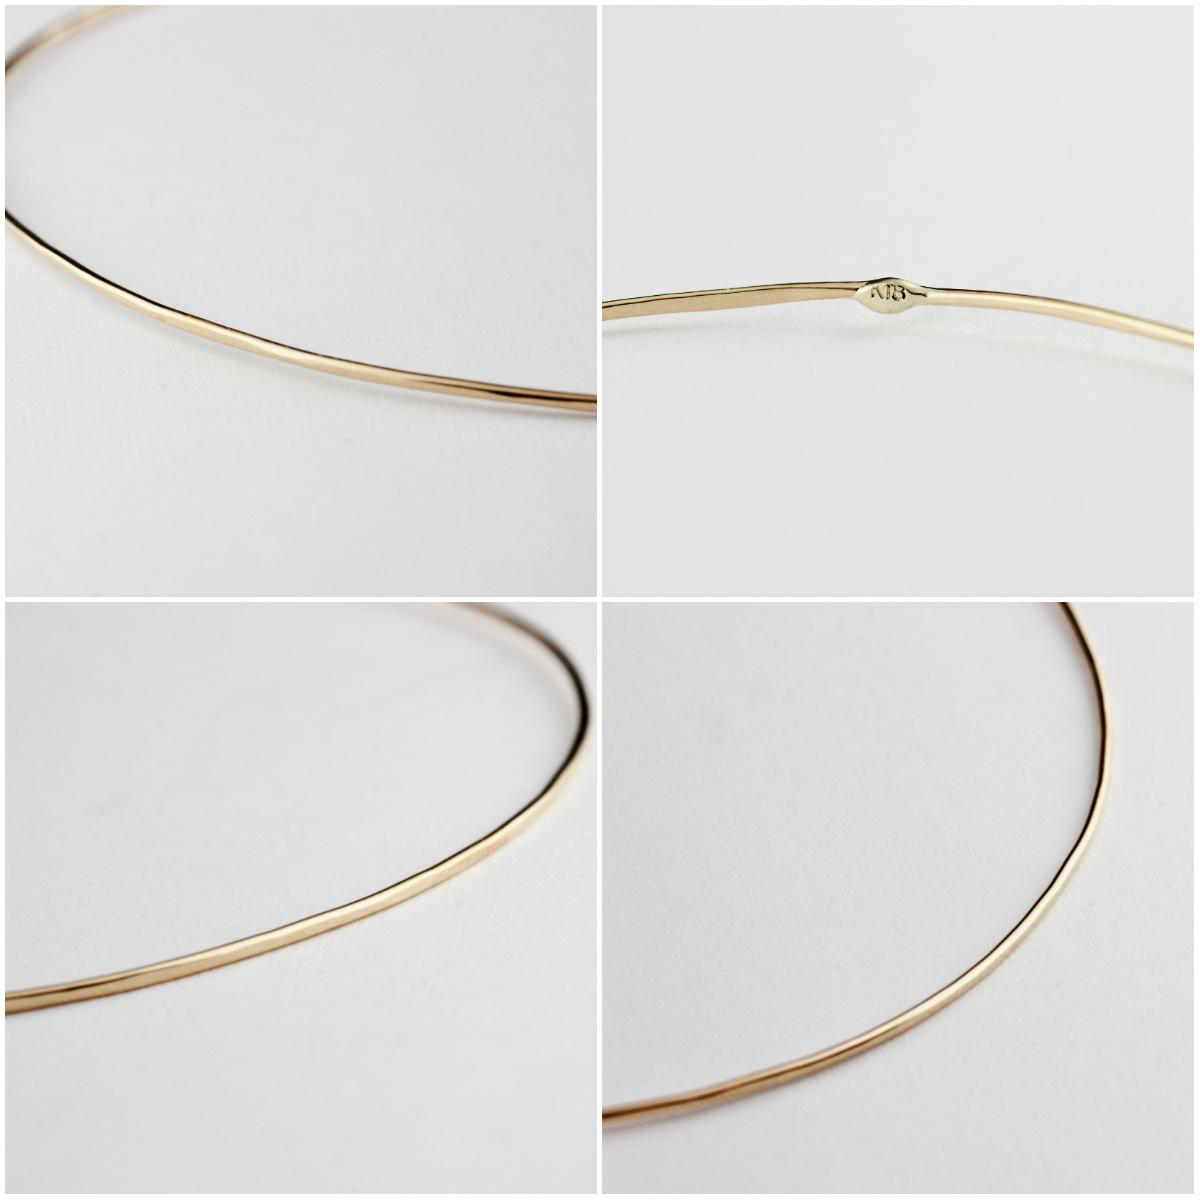 レデッサンドゥデュー 金線 ハンドメイド 華奢 バングル les desseins de DIEU Solid Gold Bangle 0.7mm Handmade K18